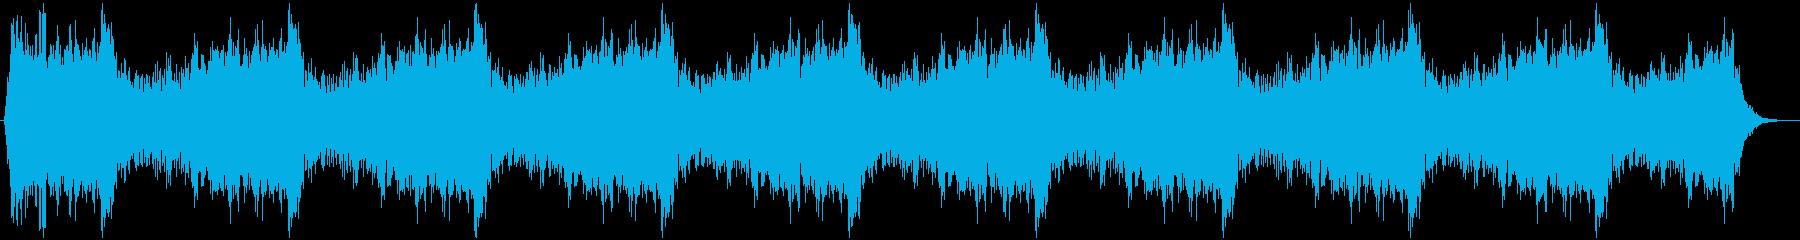 ホラー07の再生済みの波形